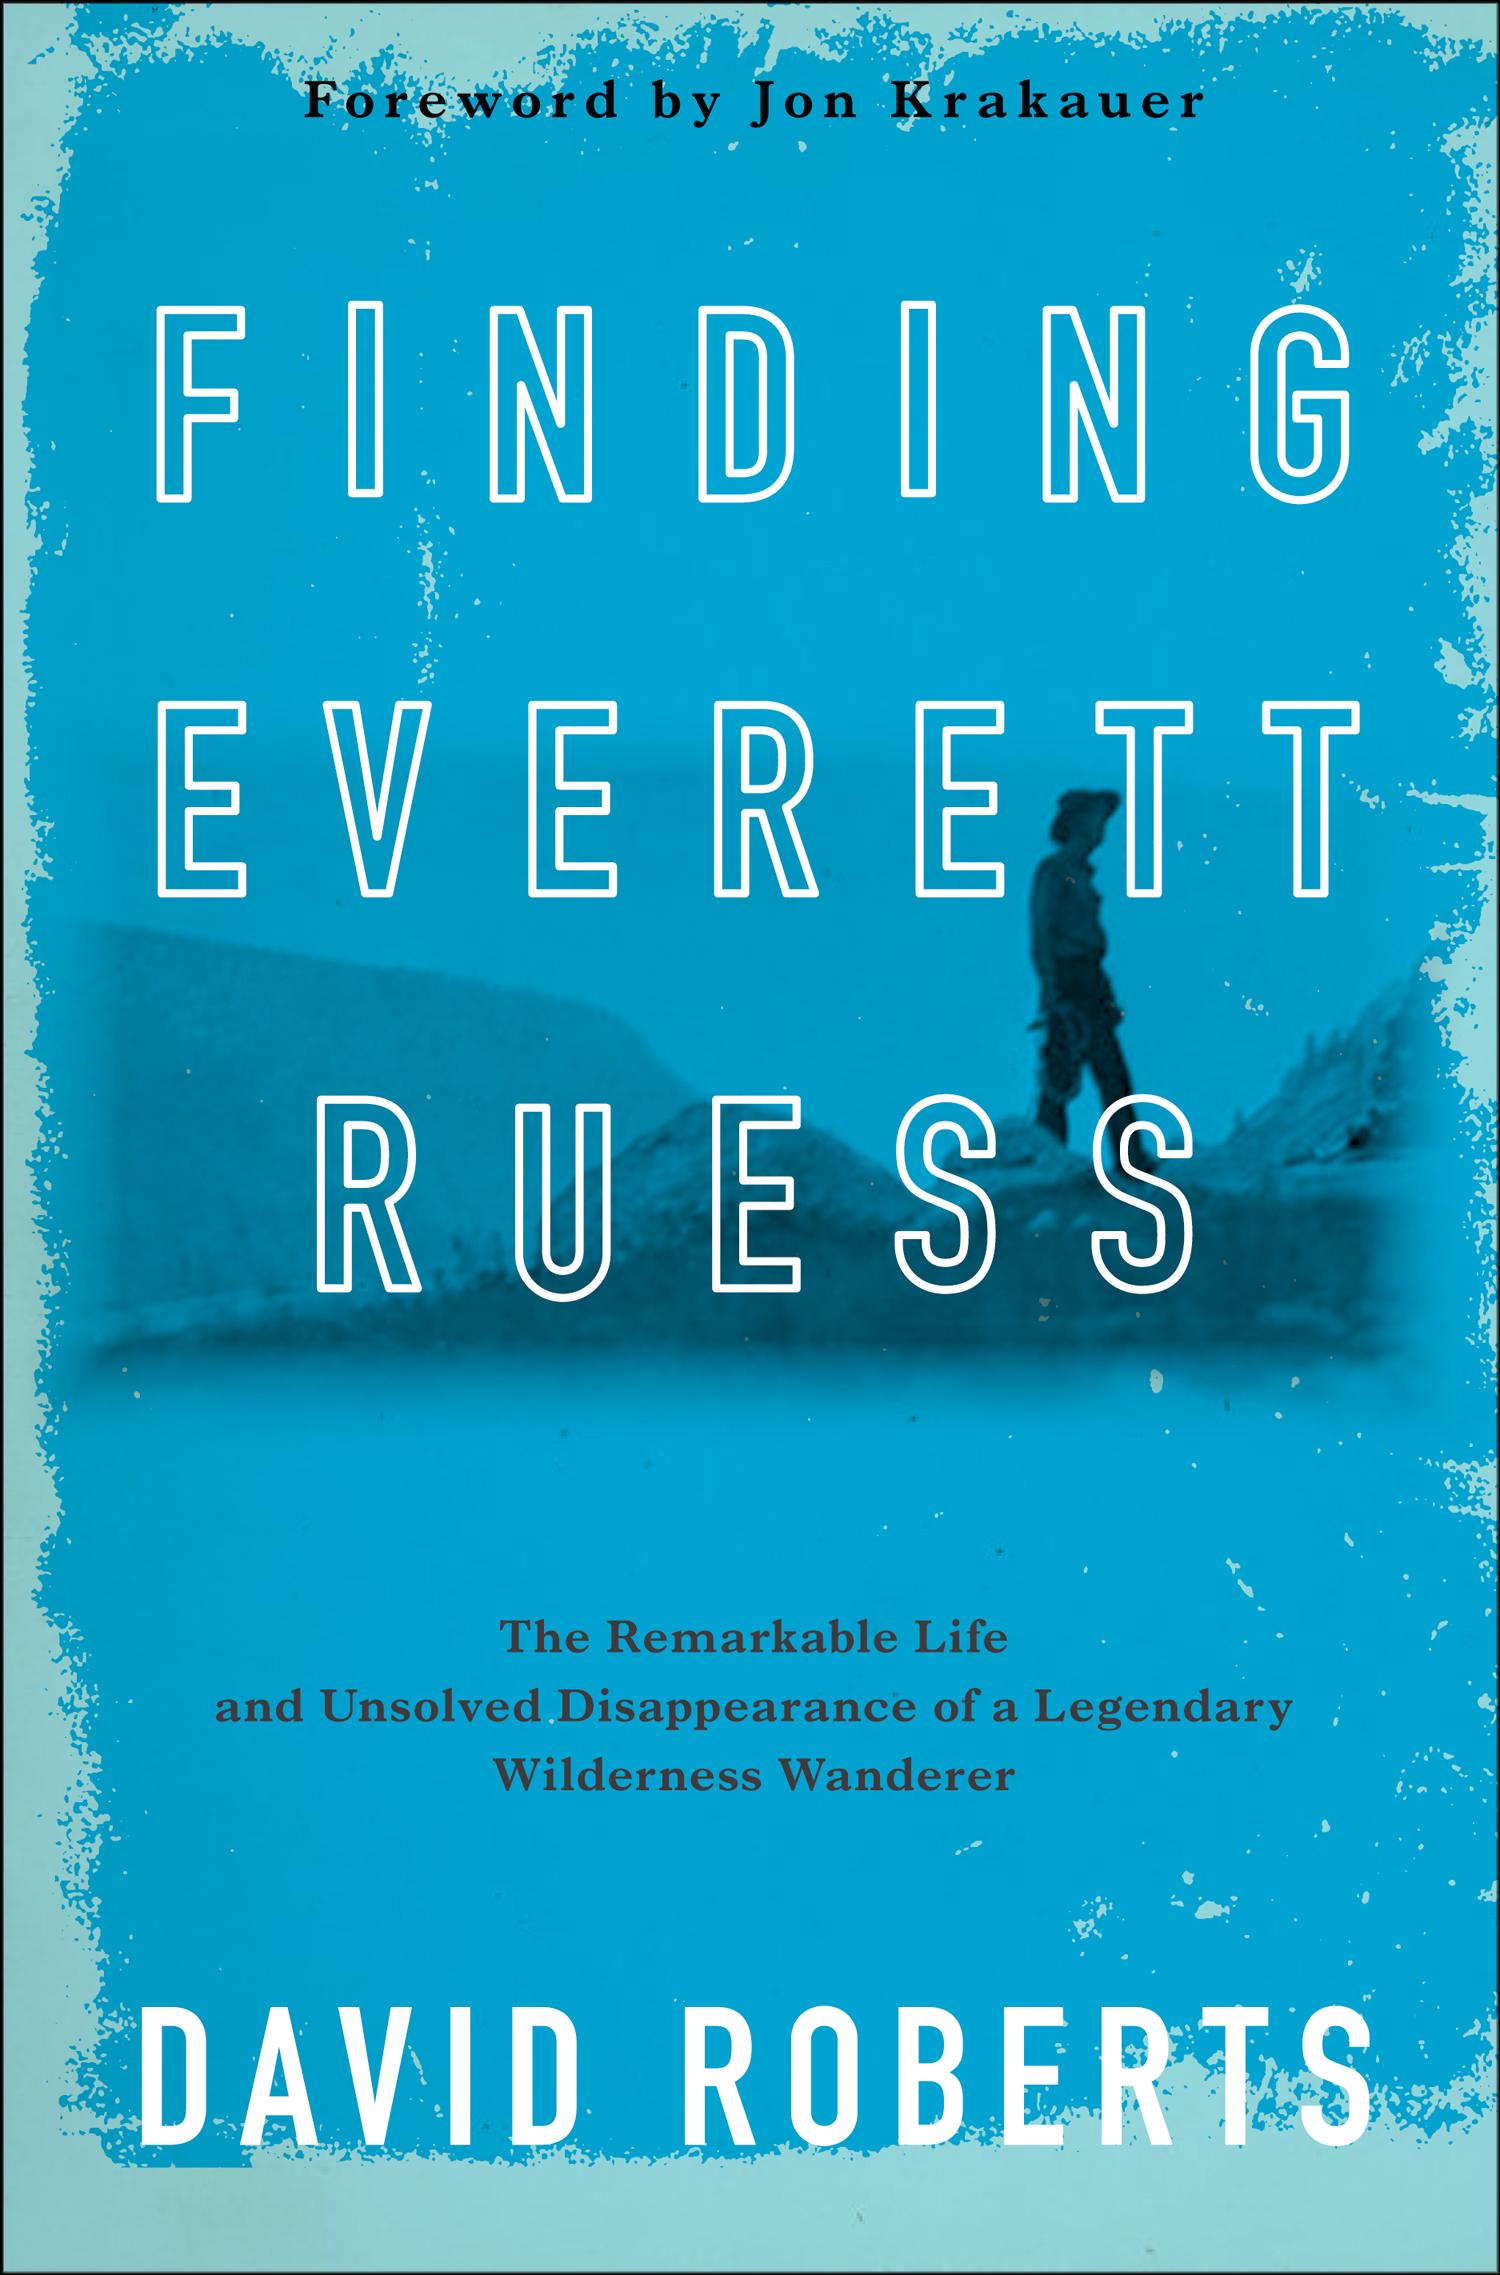 FINDING-EVERETT-RUESS-comp-ss6.jpg